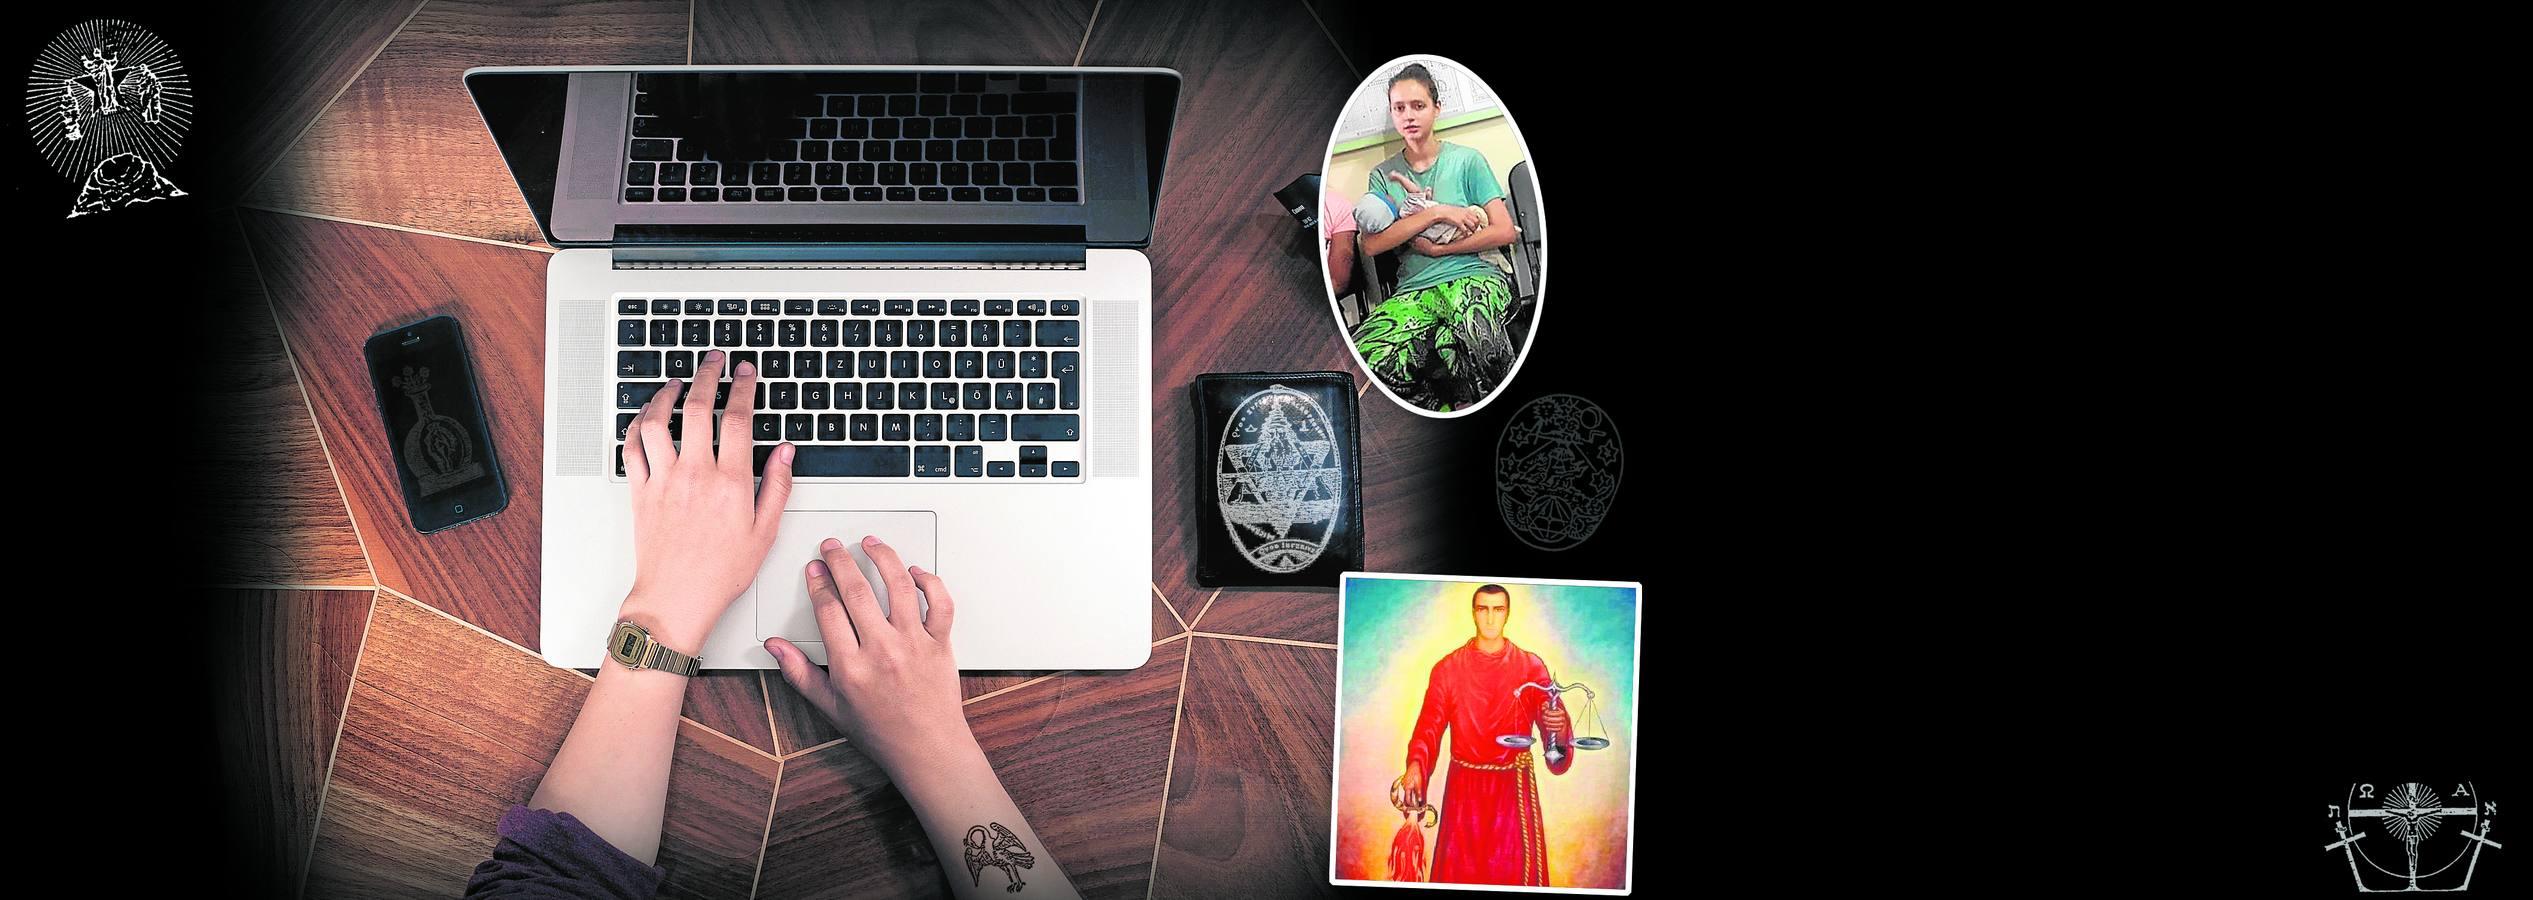 Los nuevos métodos de las sectas para captar seguidores por internet